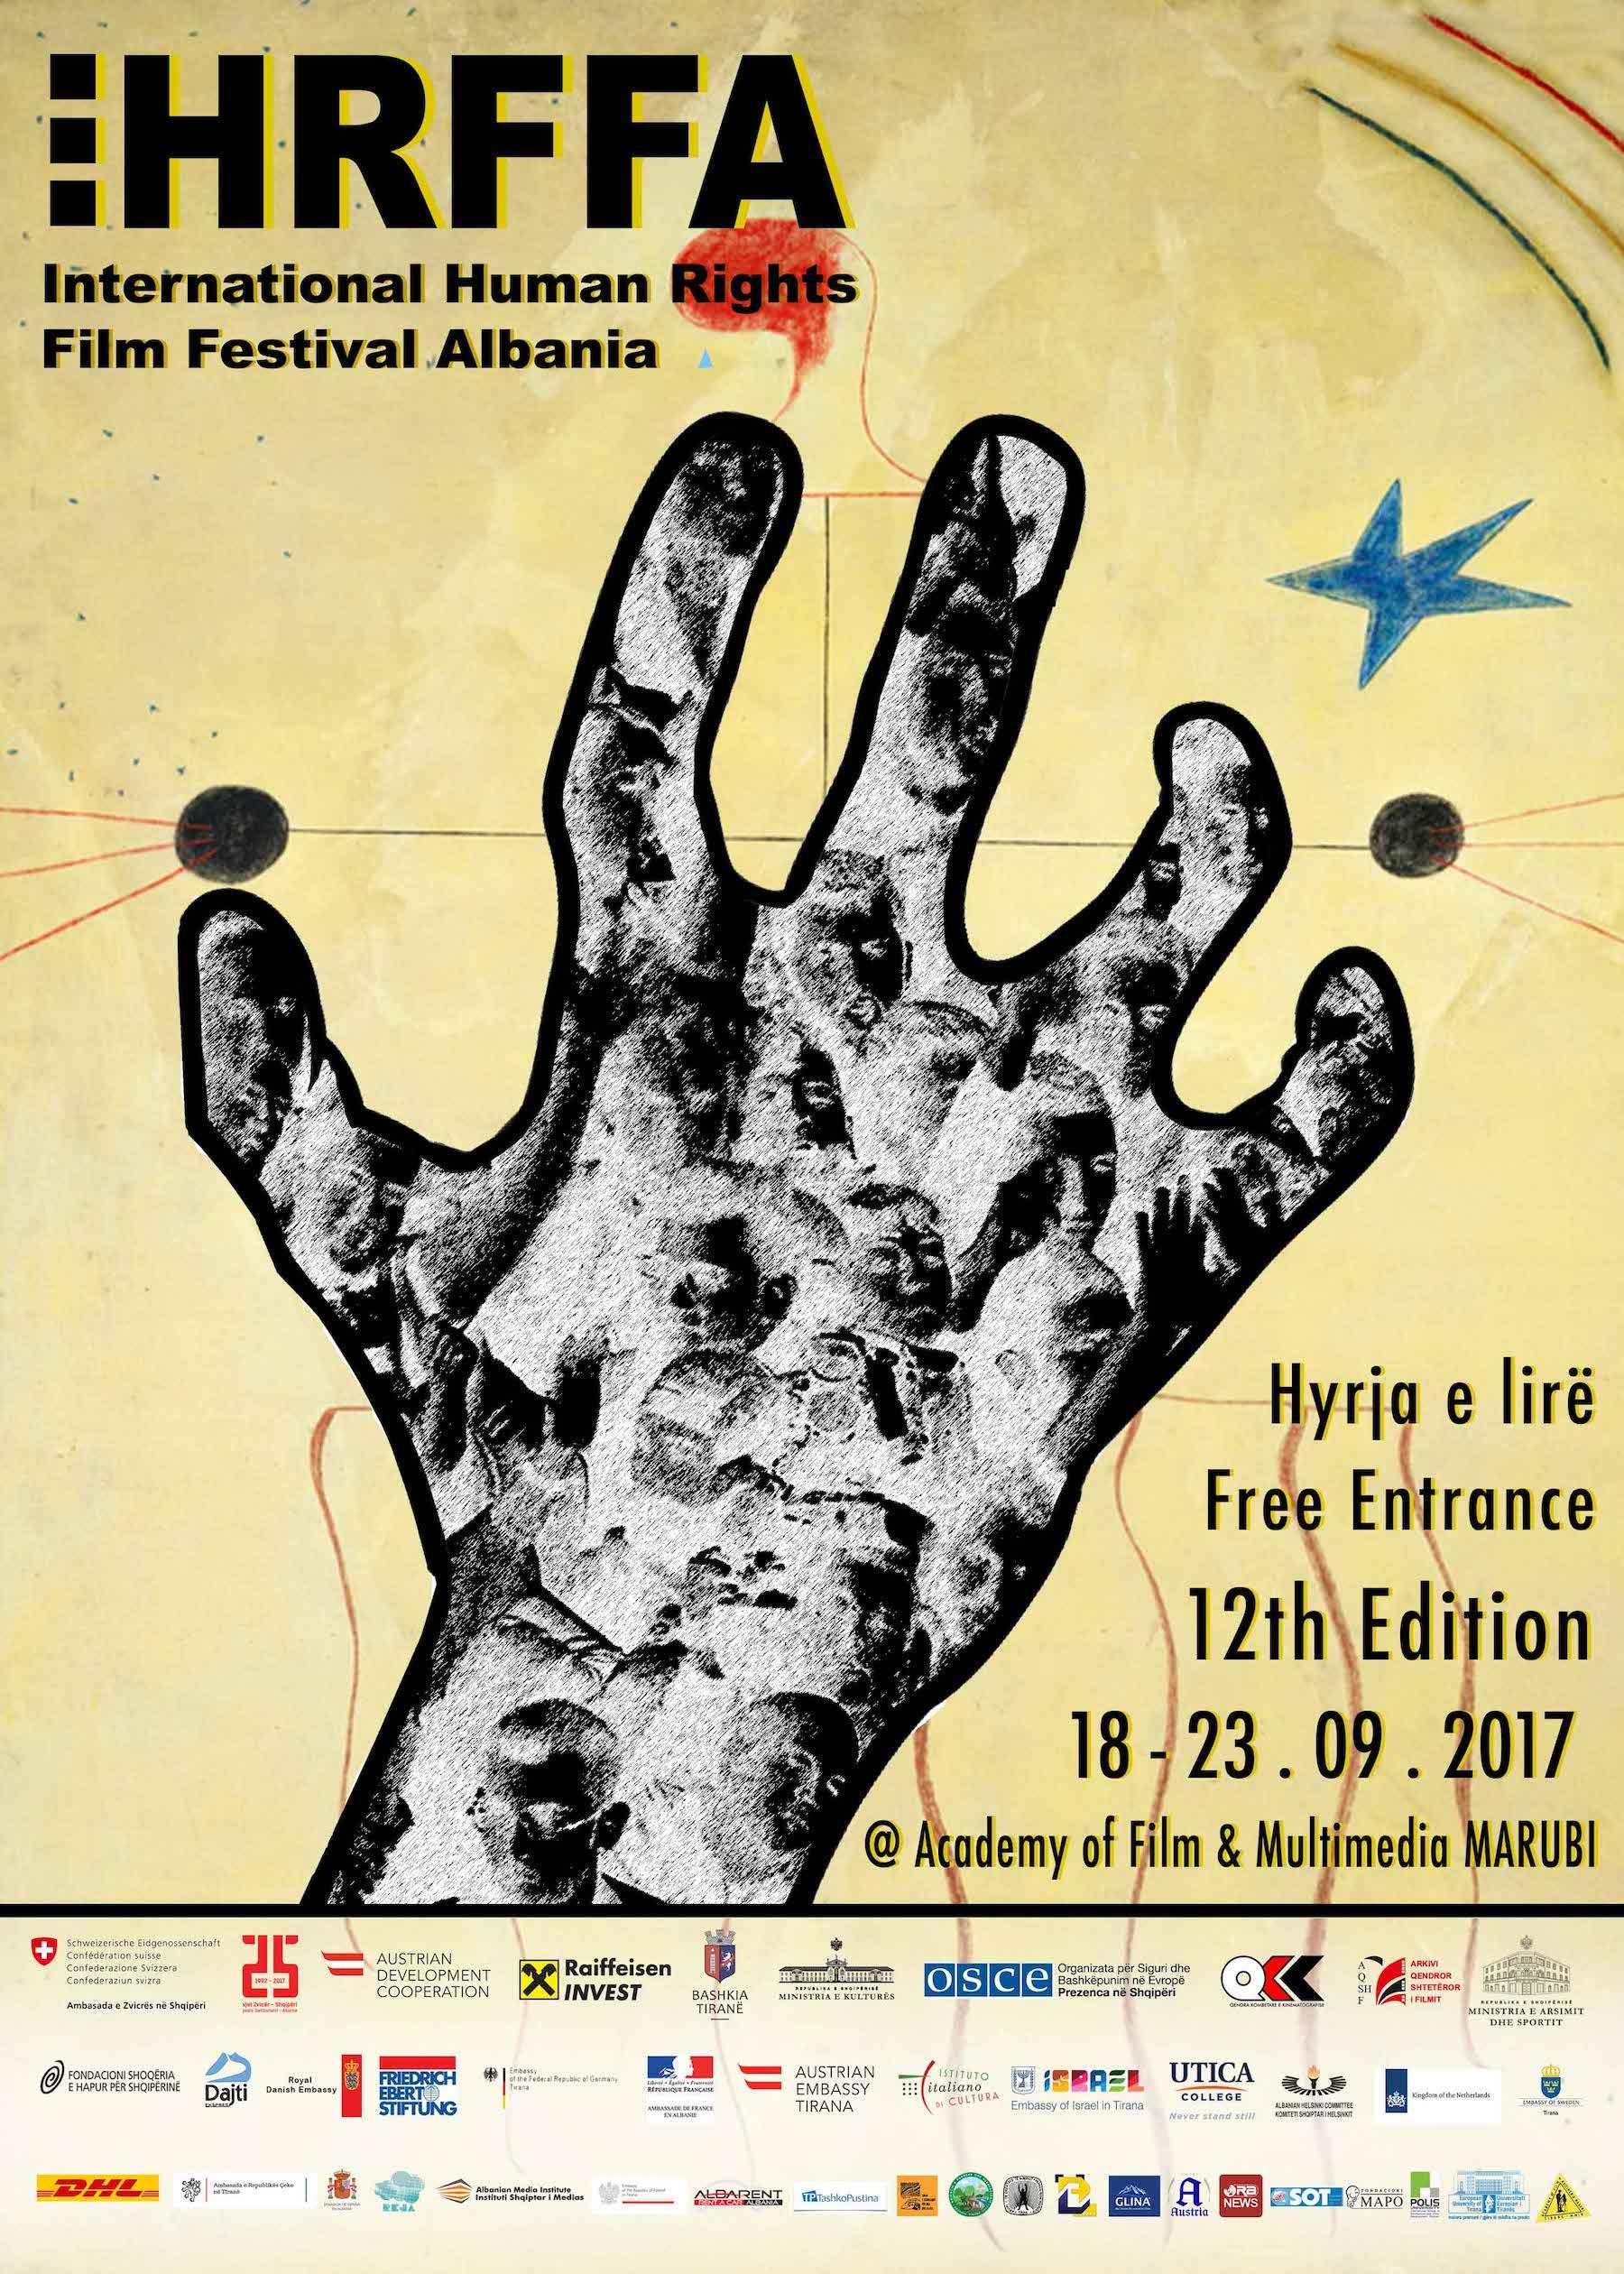 IHRFFA 12th edition – 18-23 Sept 2017